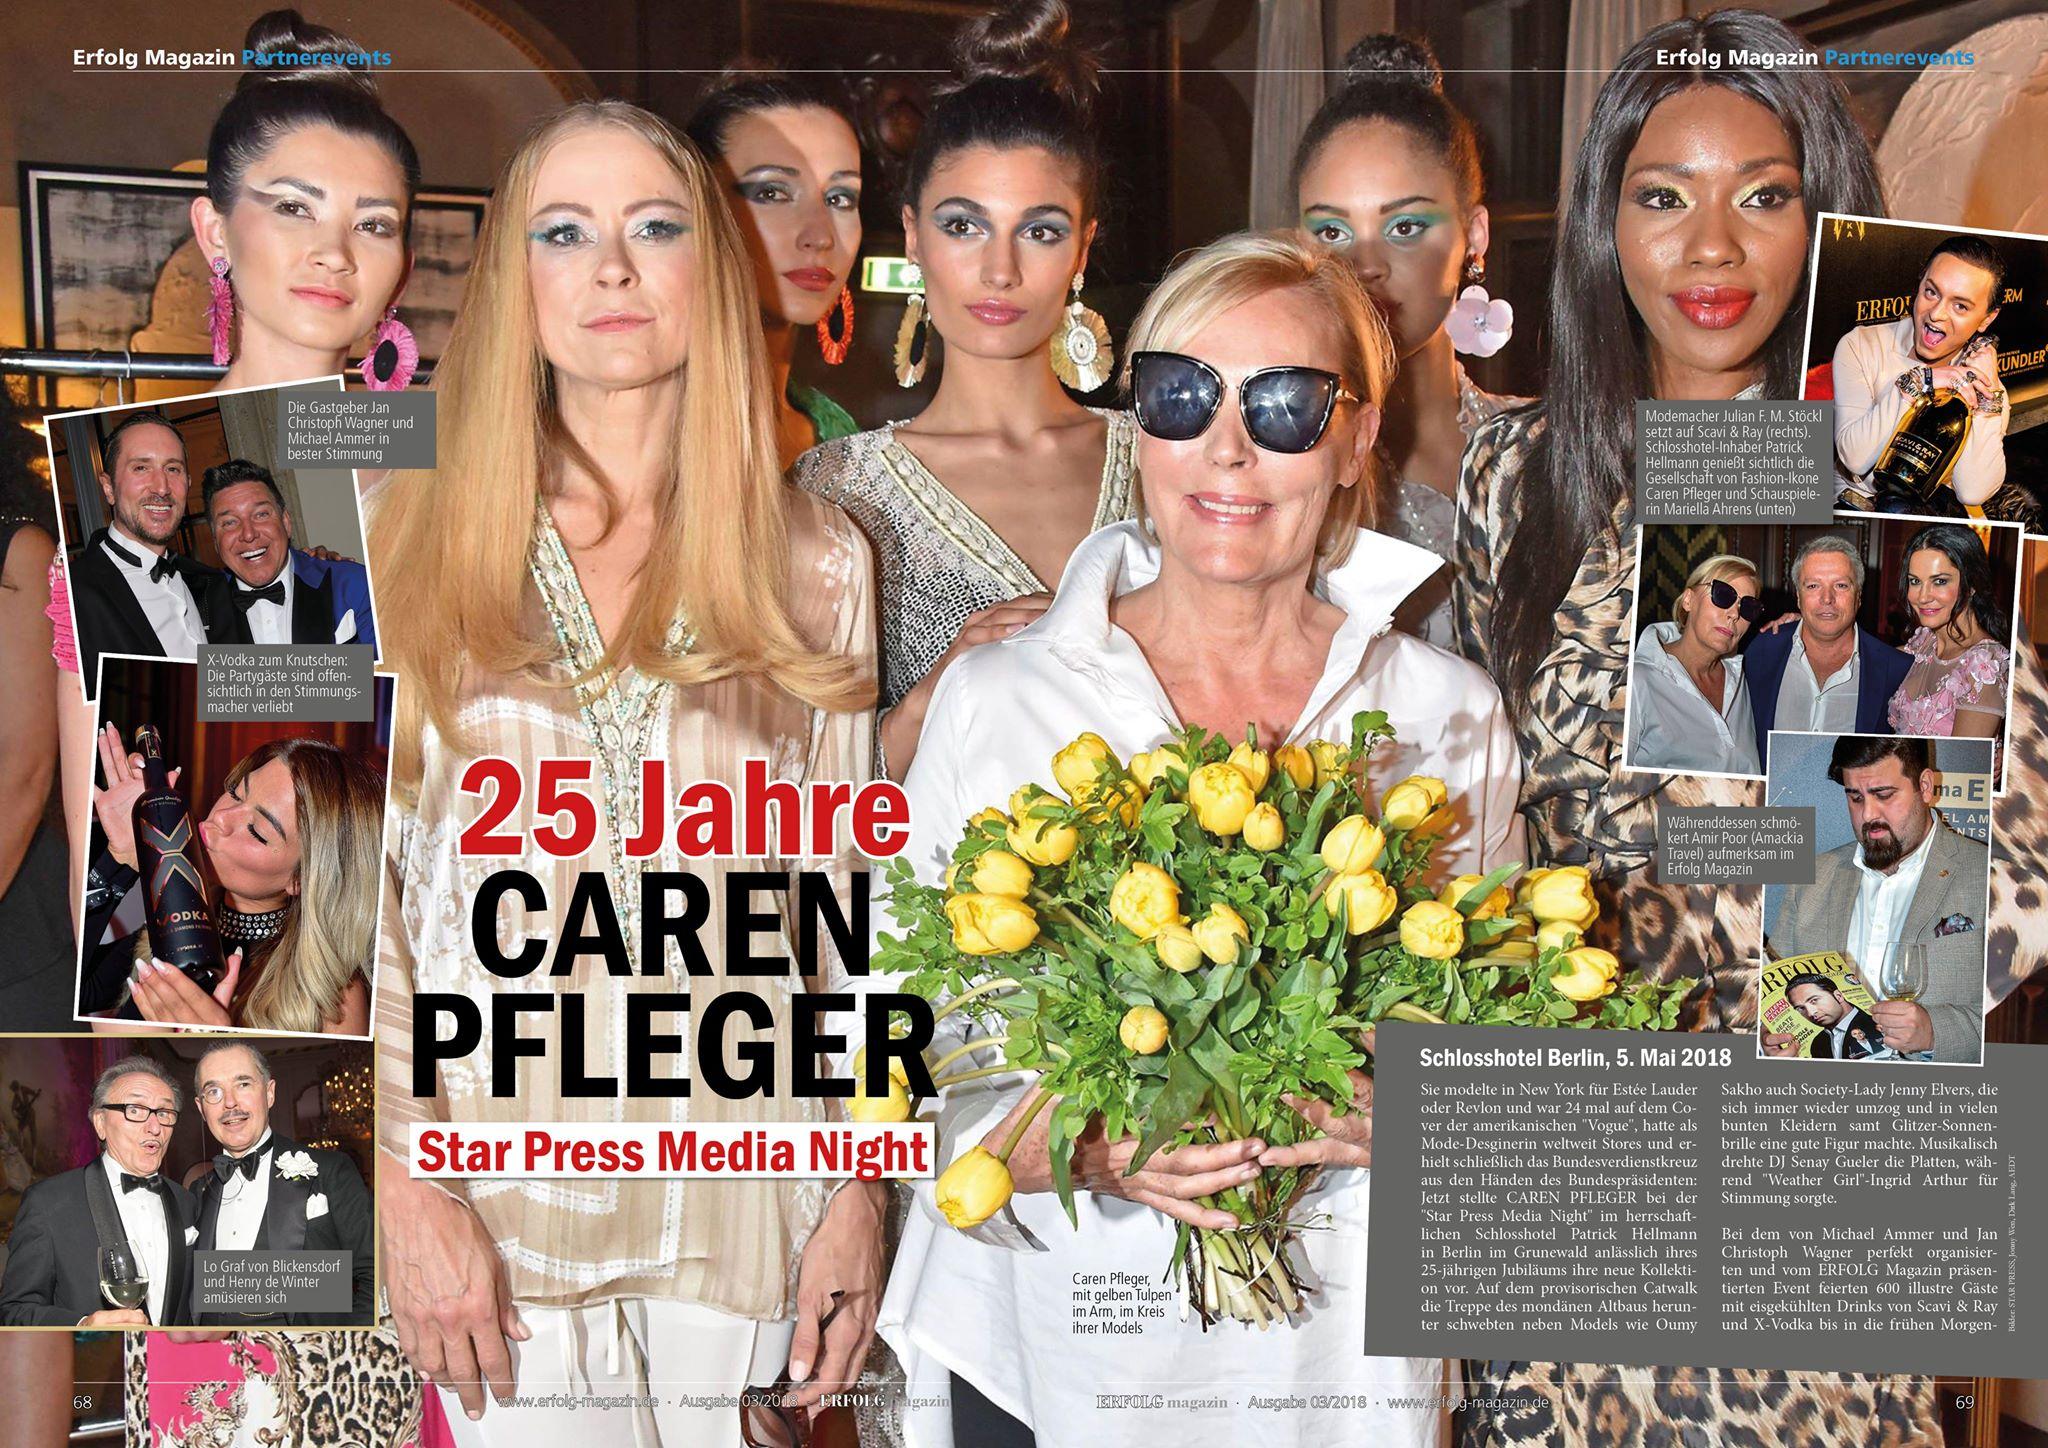 ERFOLG Magazin - Nachbericht - Ausgabe Juni 2018 - 1